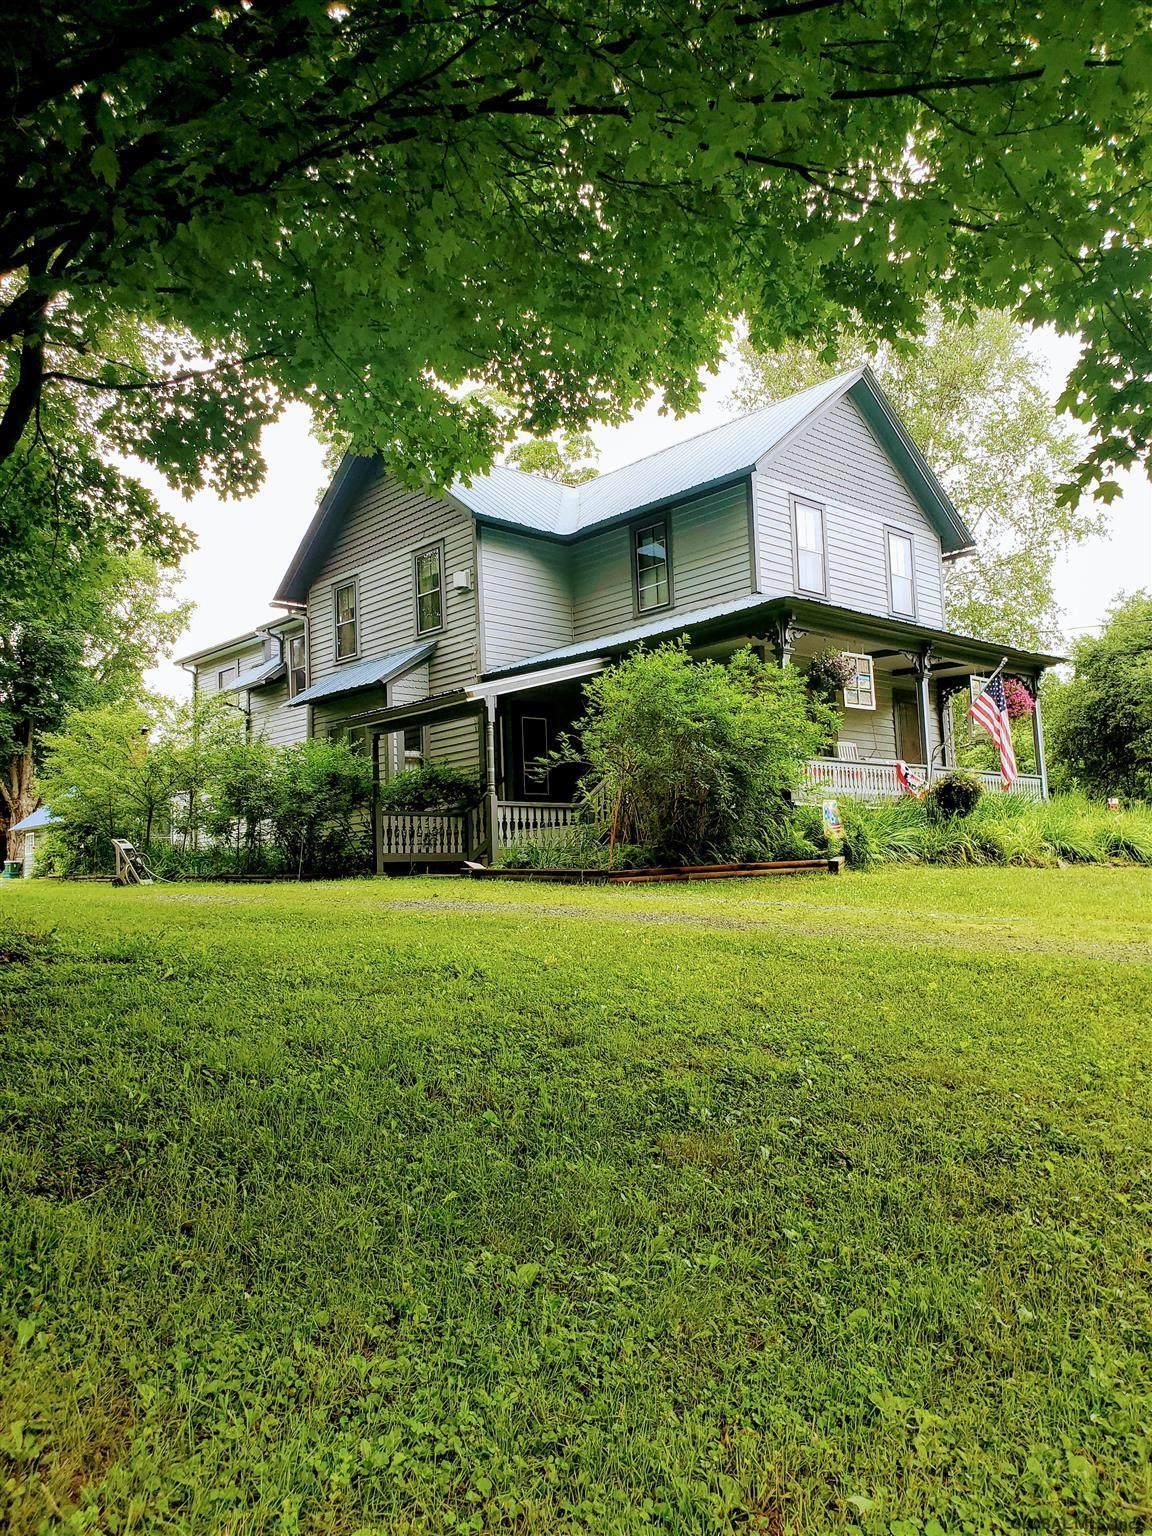 328 Gailey Hill Rd - Photo 1